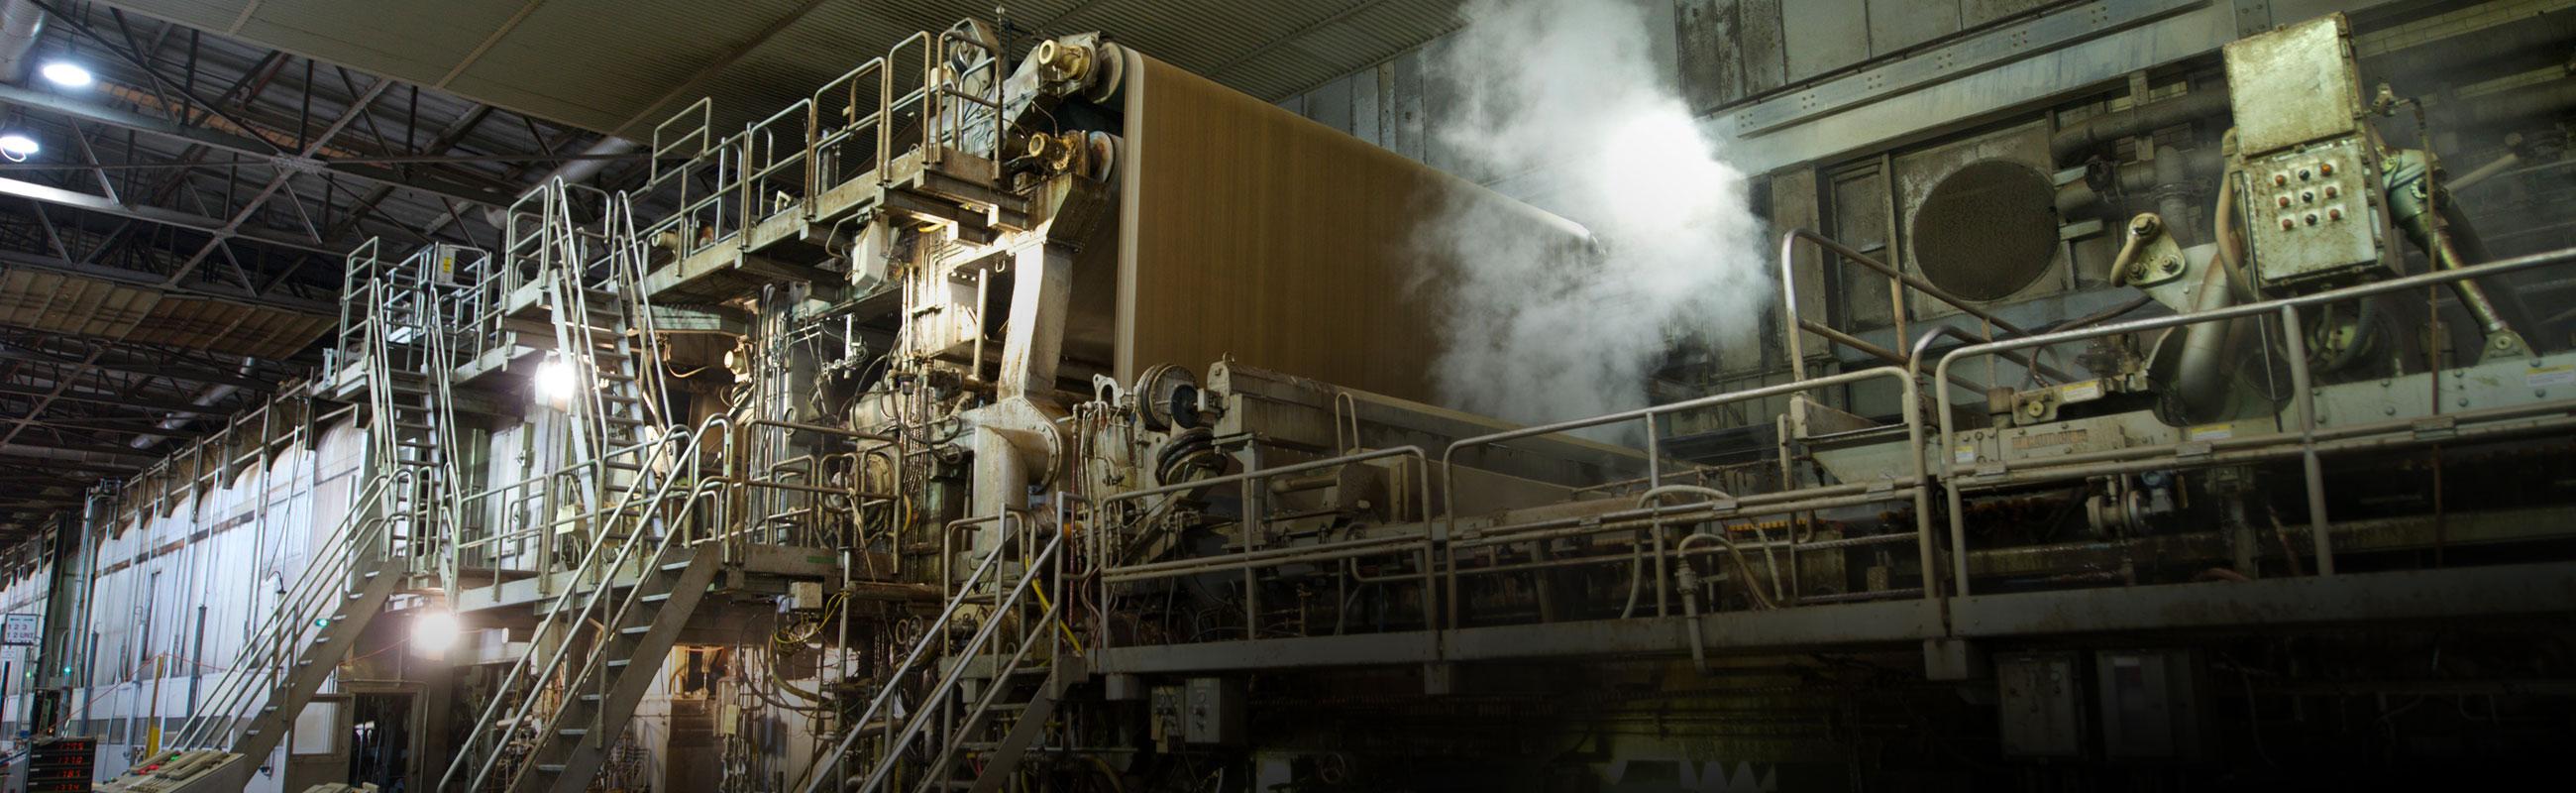 Paper machine front pulp